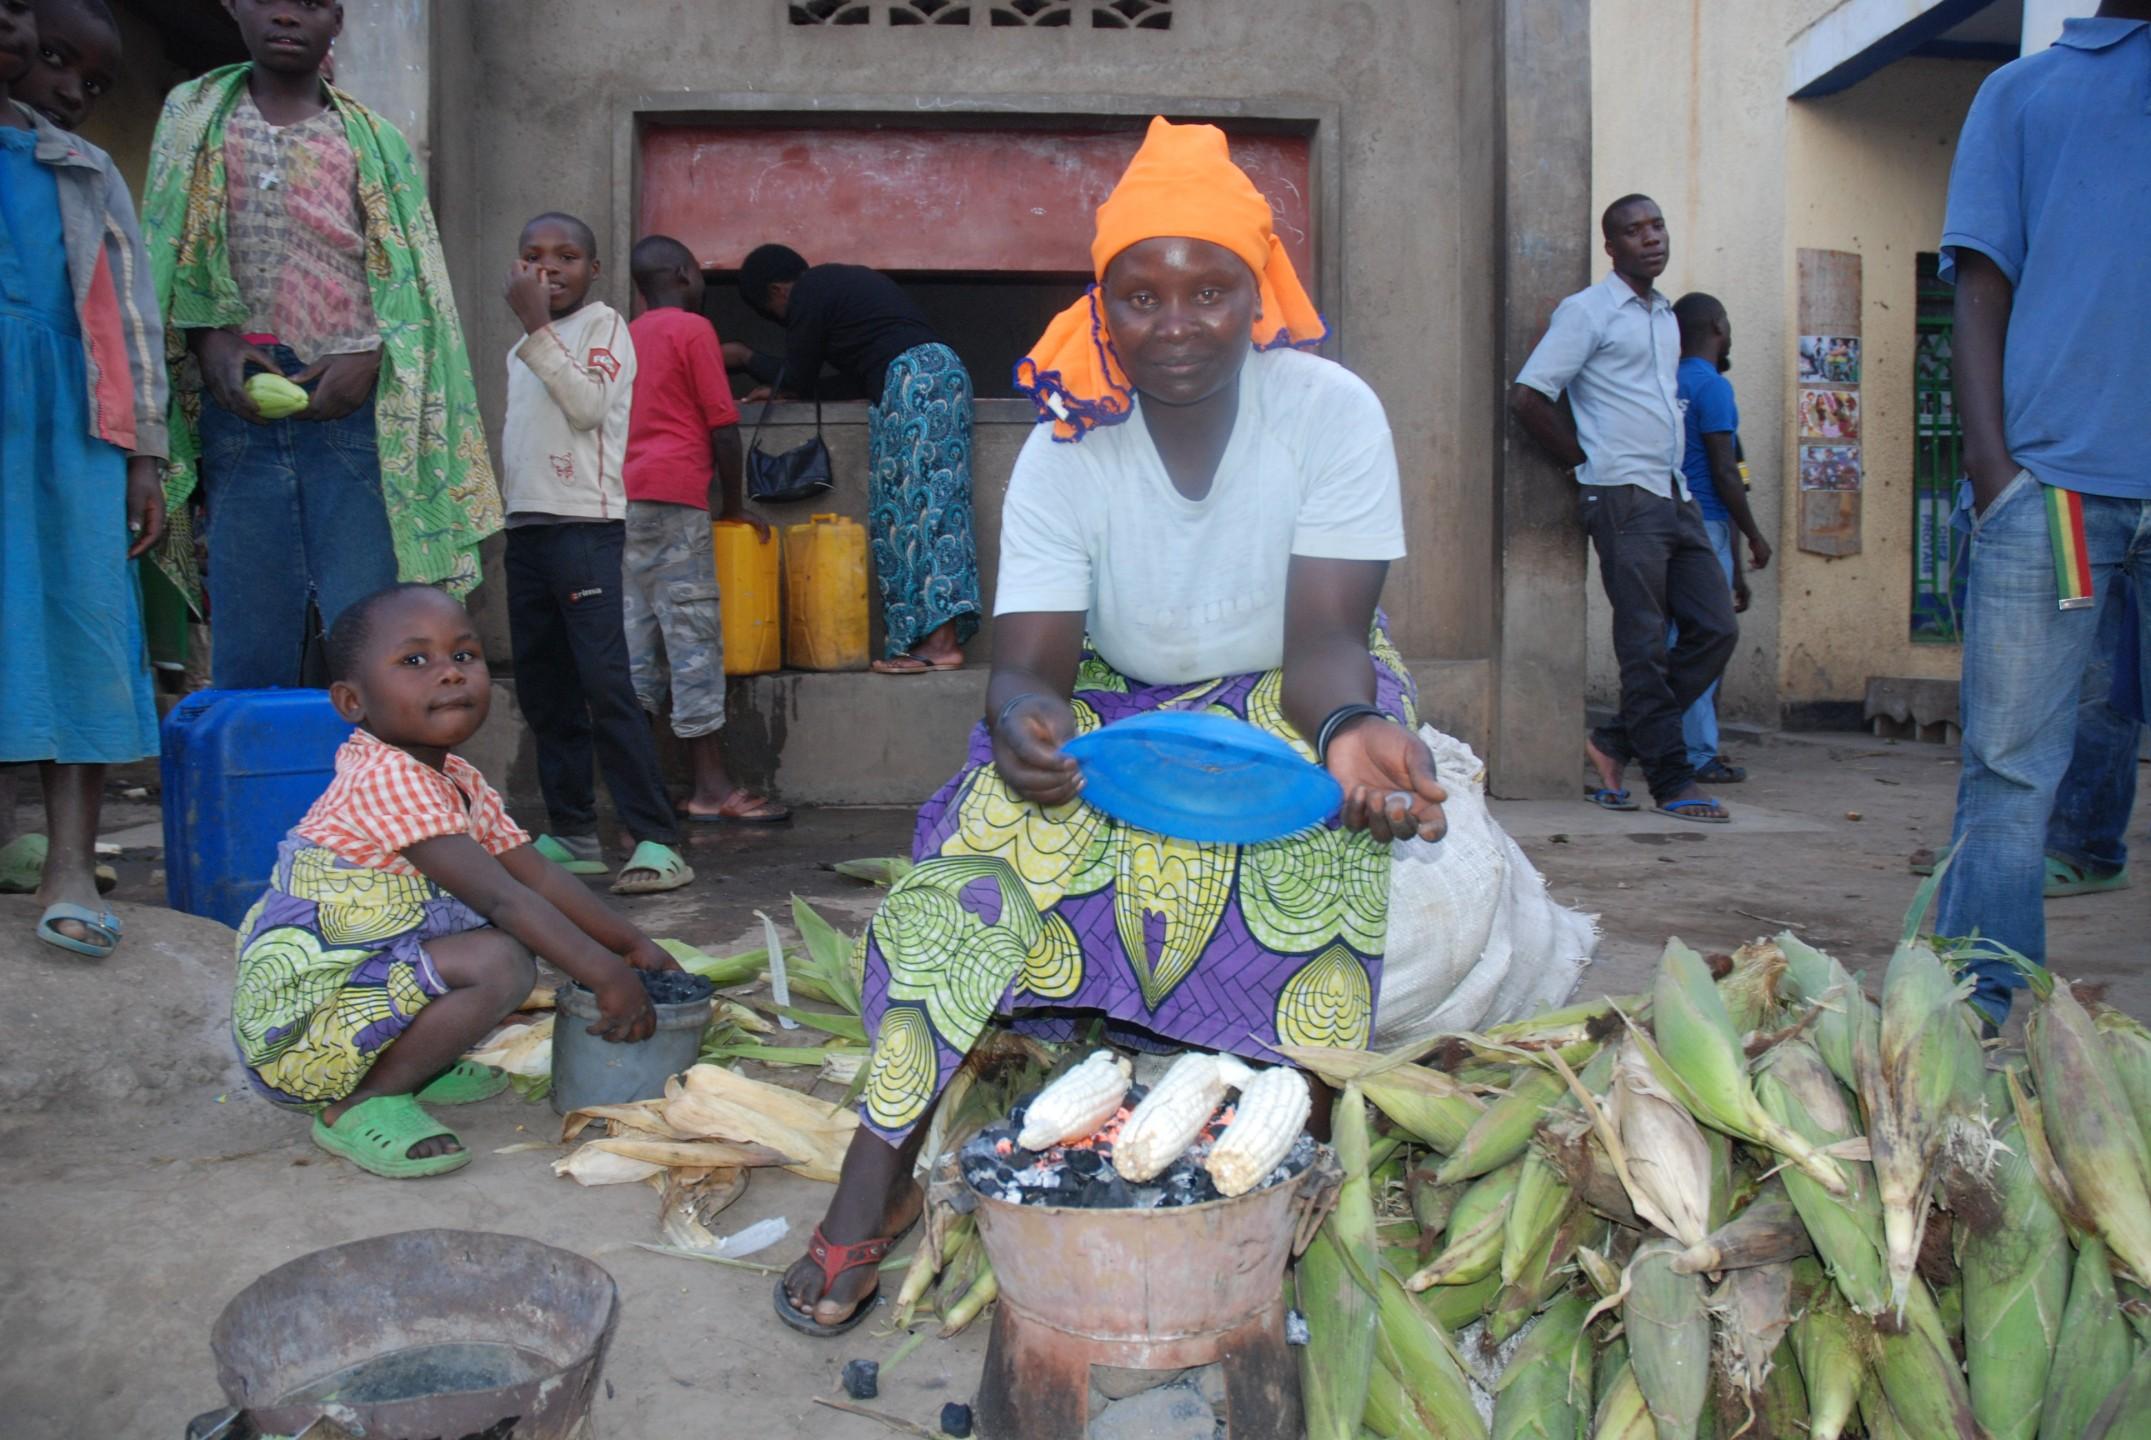 Providence en haar dochter Grace verkopen mais in Rwanda